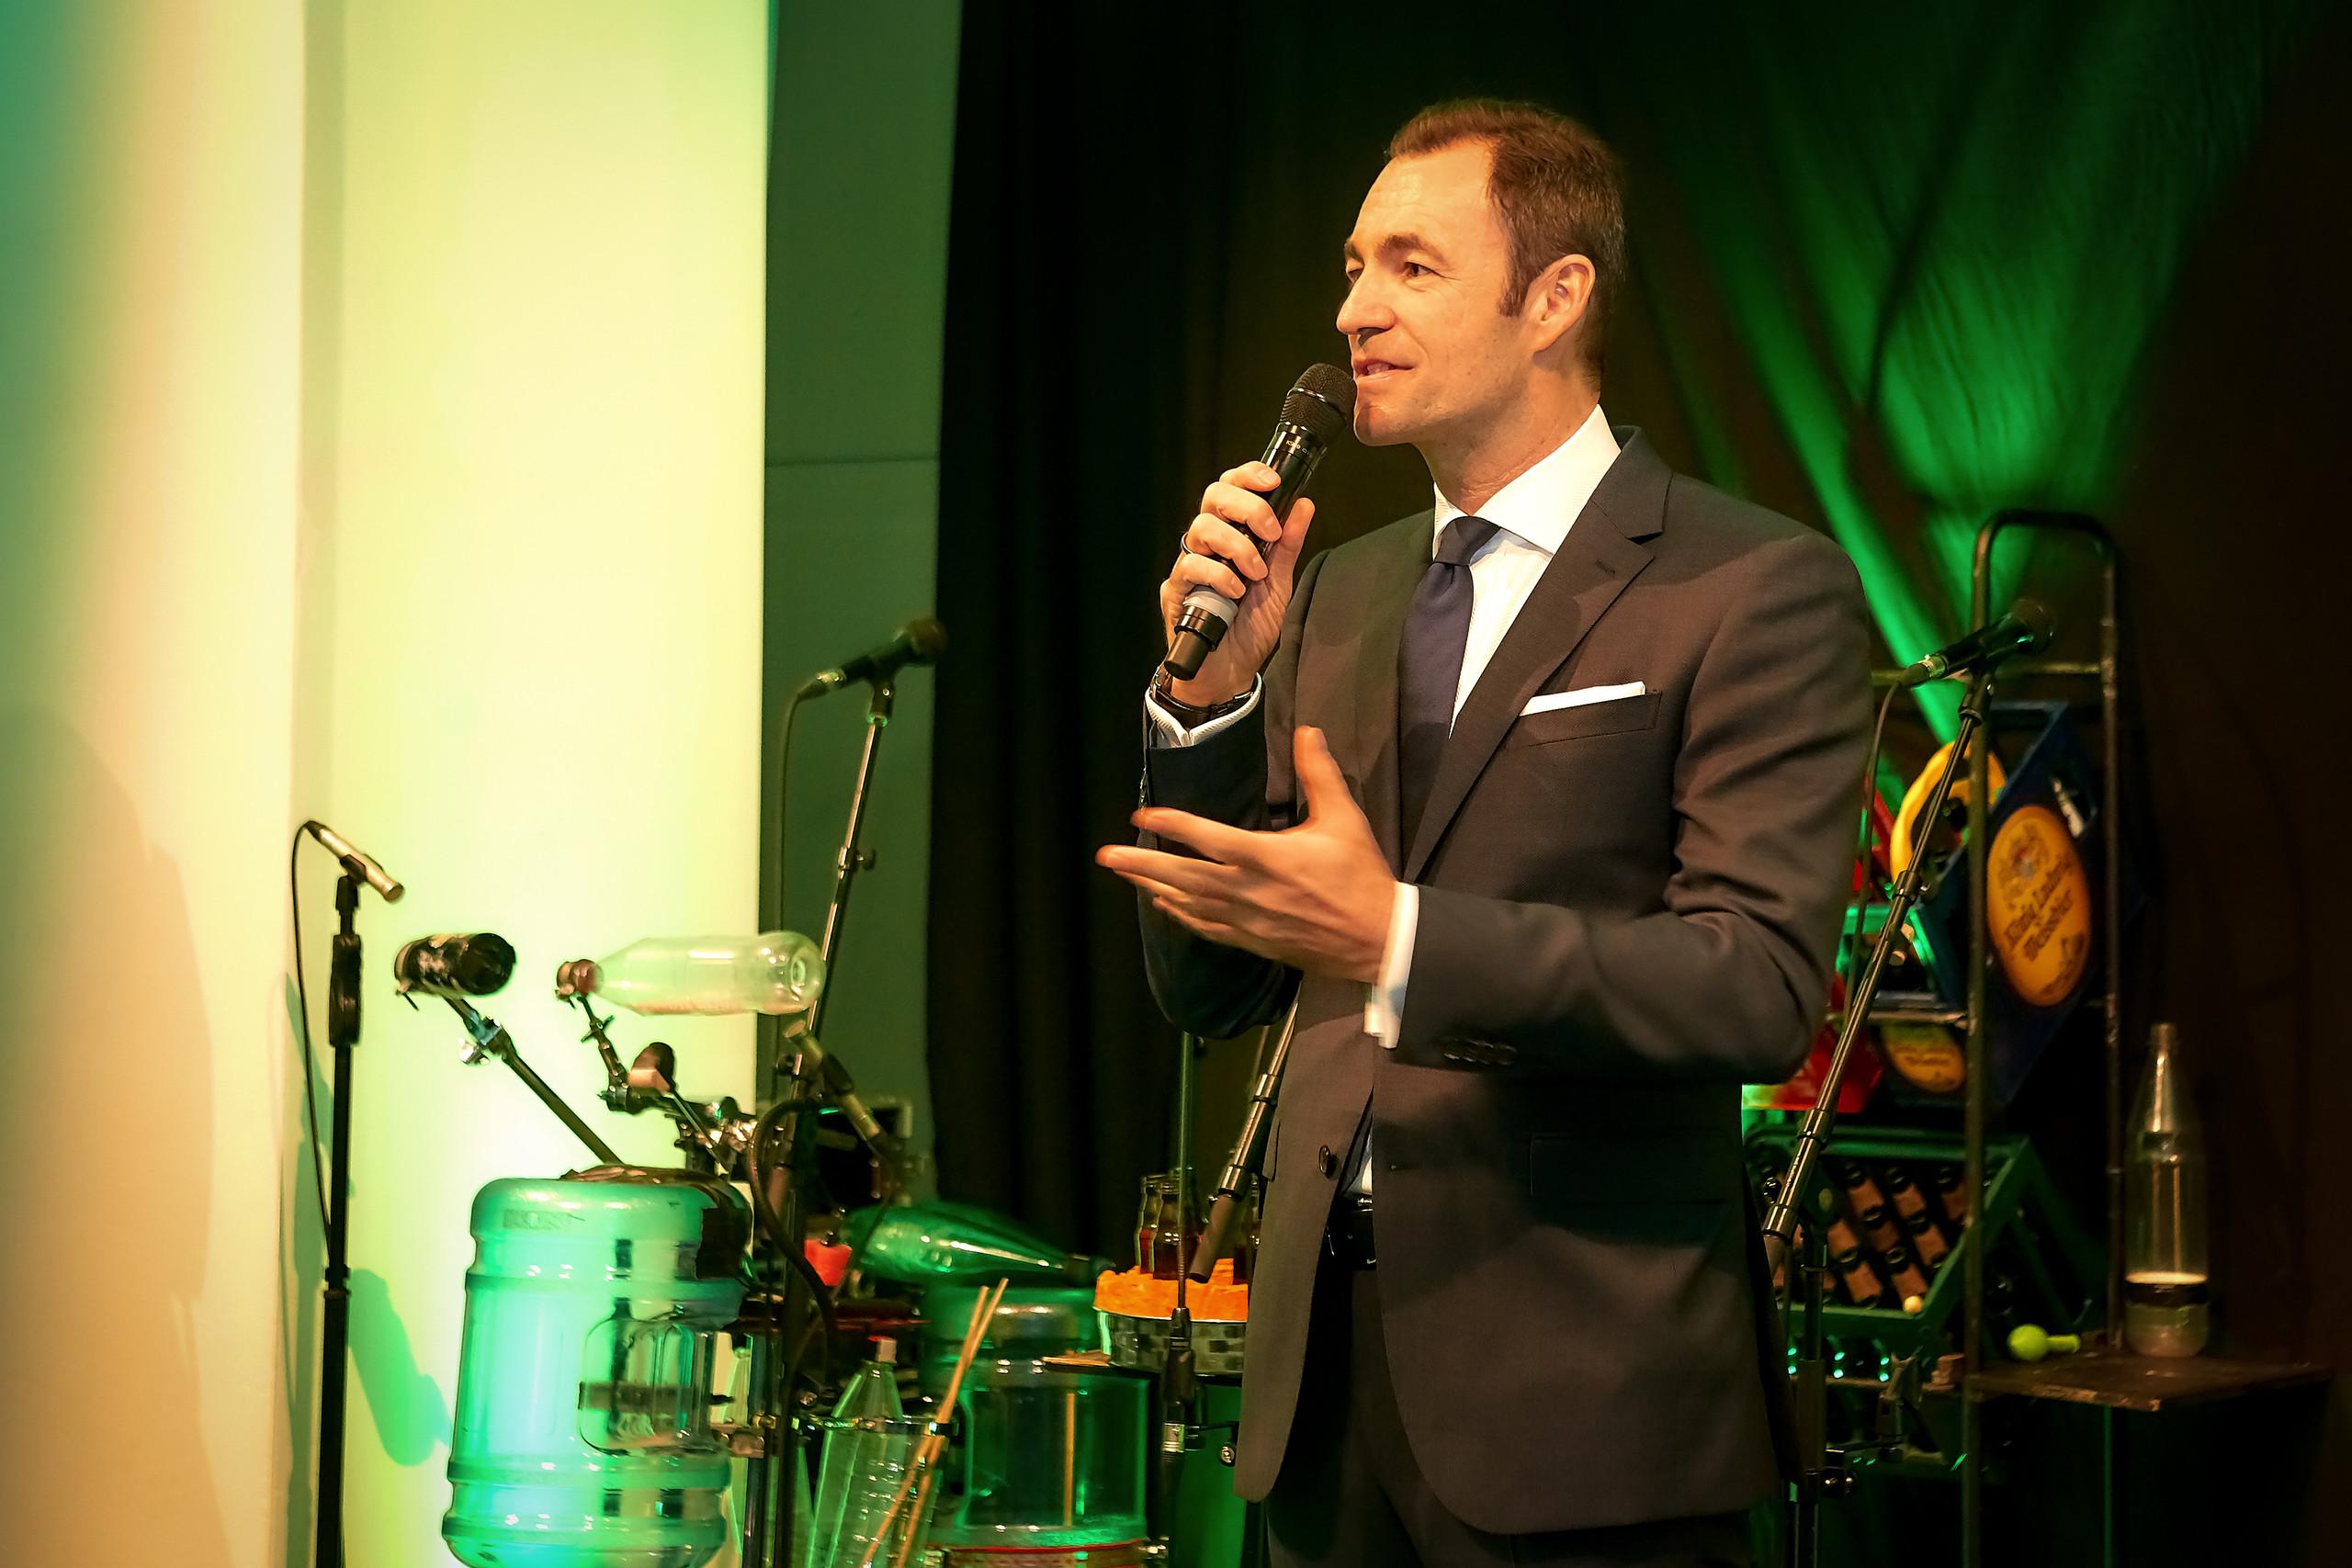 Harald Hauke begrüßt die Gäste zur Feier '40 Jahre Glasrecycling in Österreich'